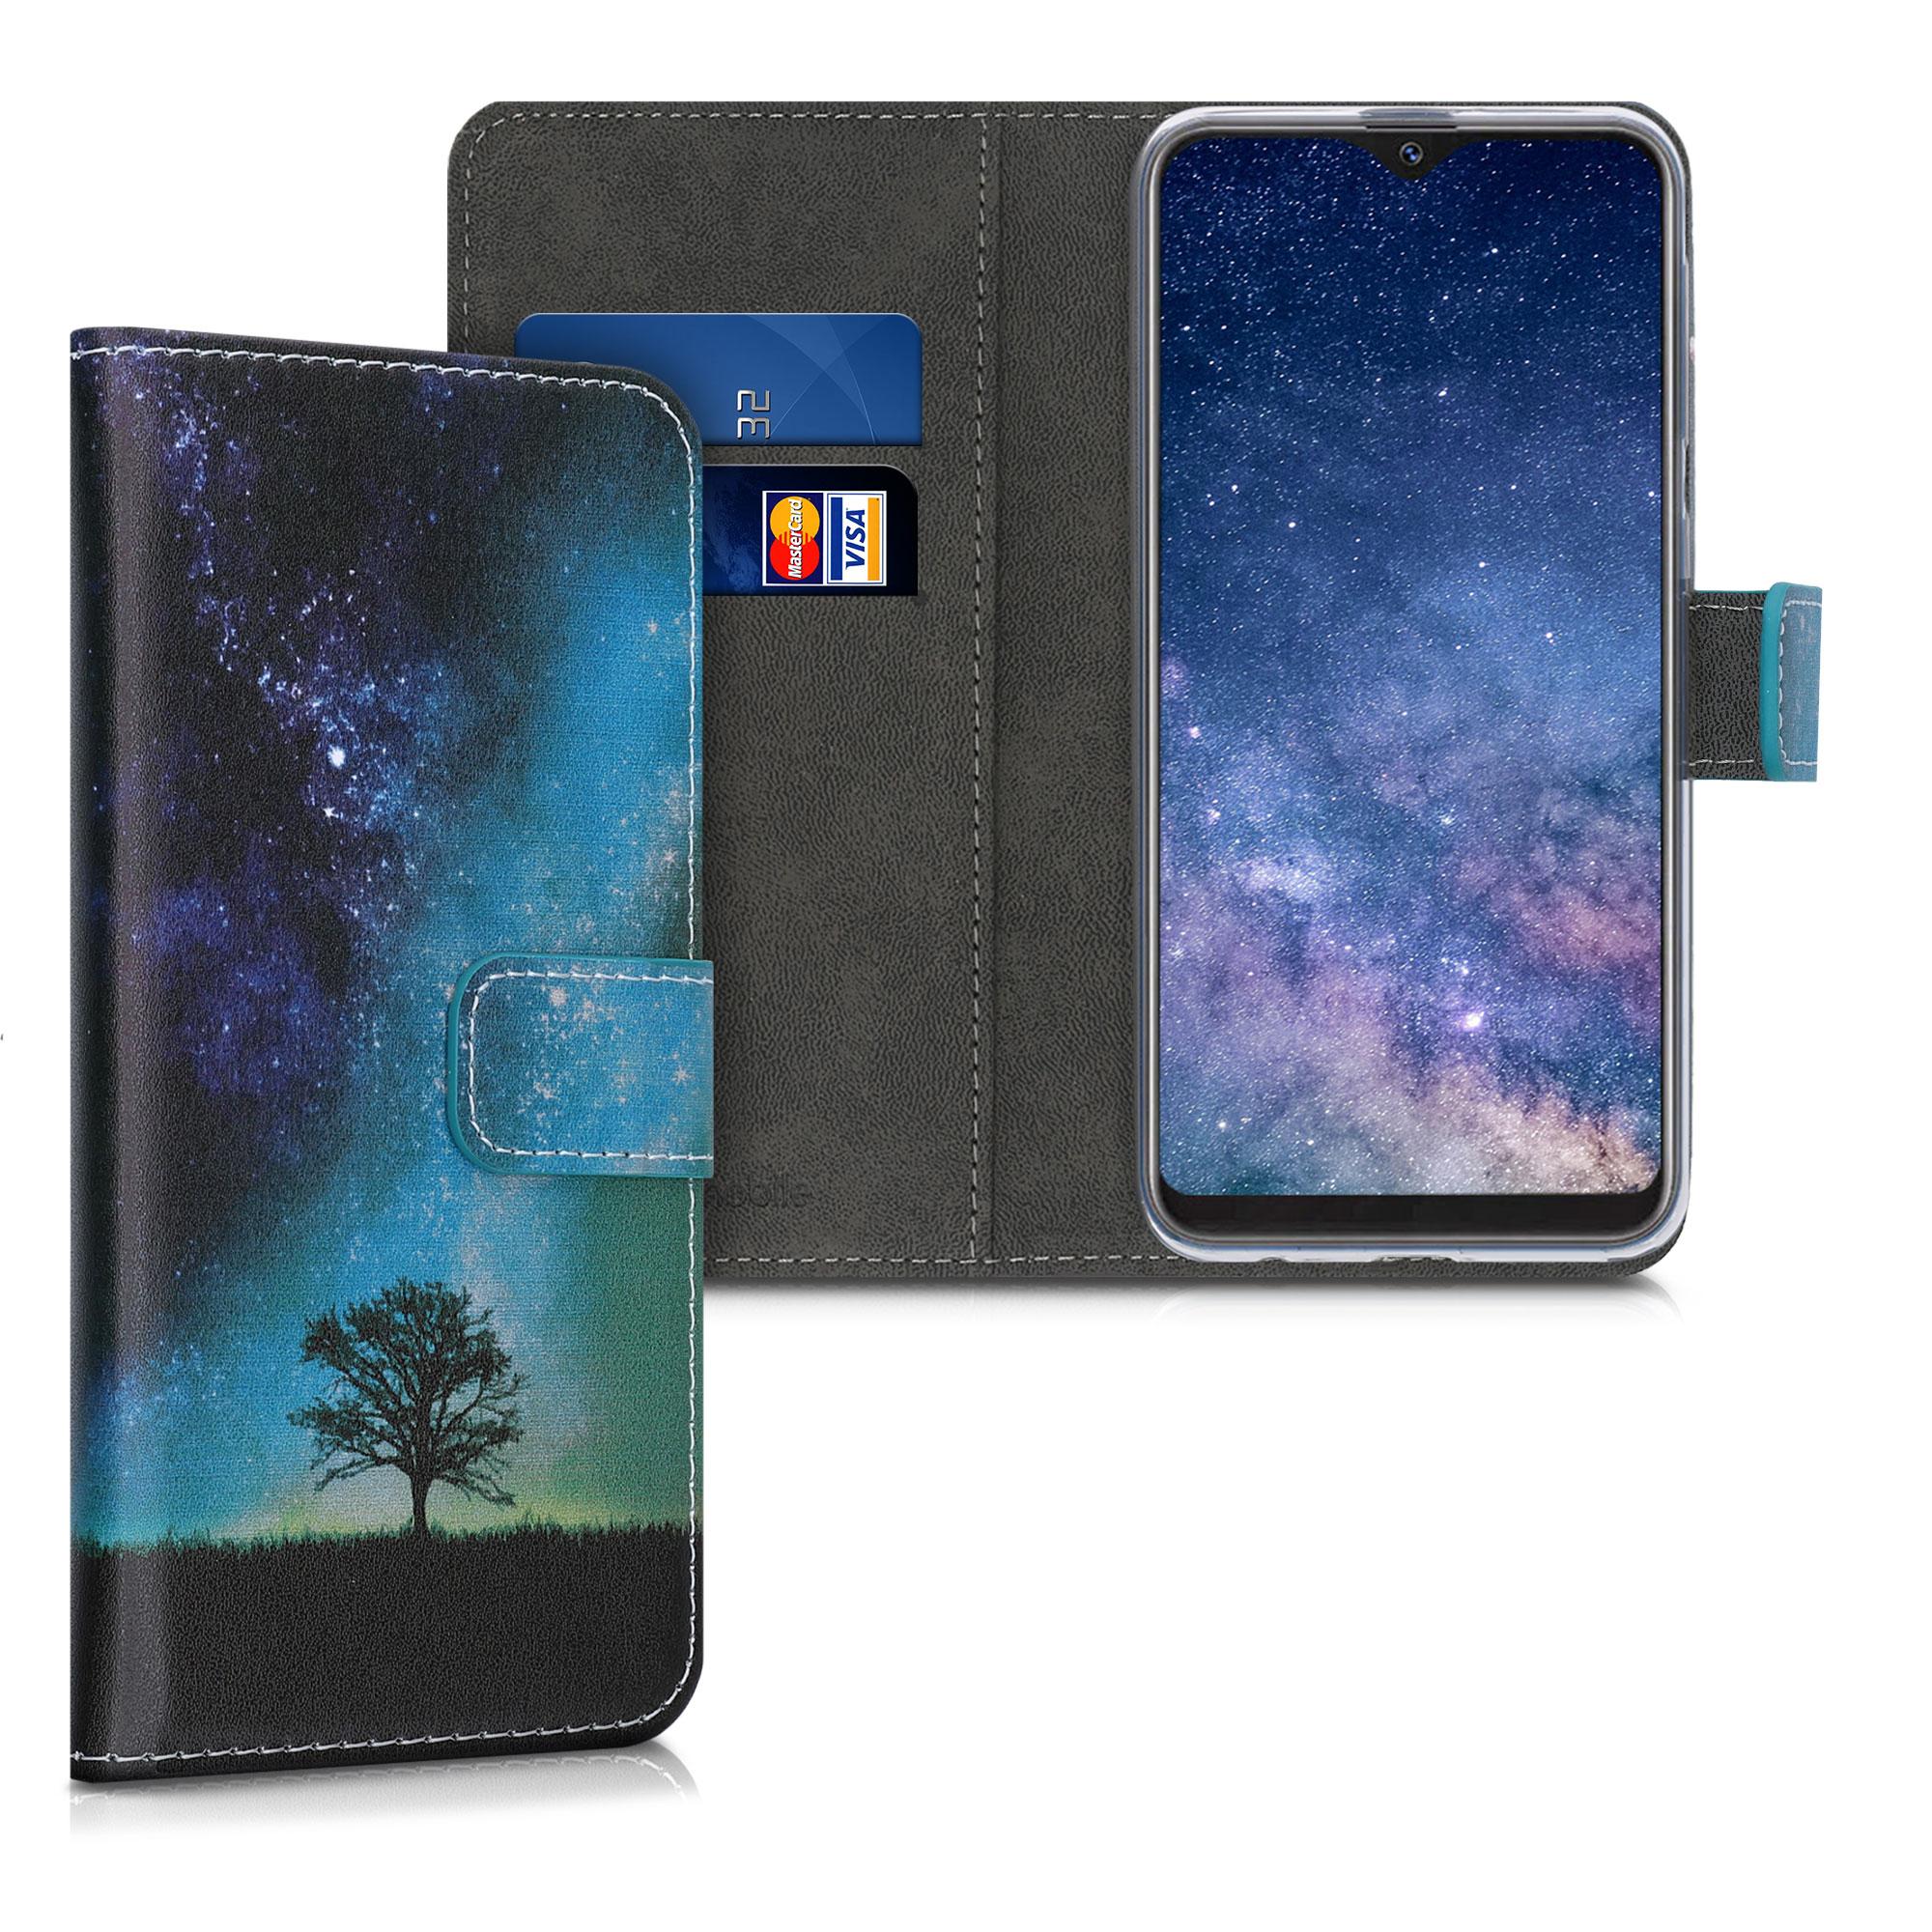 Kožené pouzdro pro Samsung A10e - Cosmic Nature modrá / šedá / černá